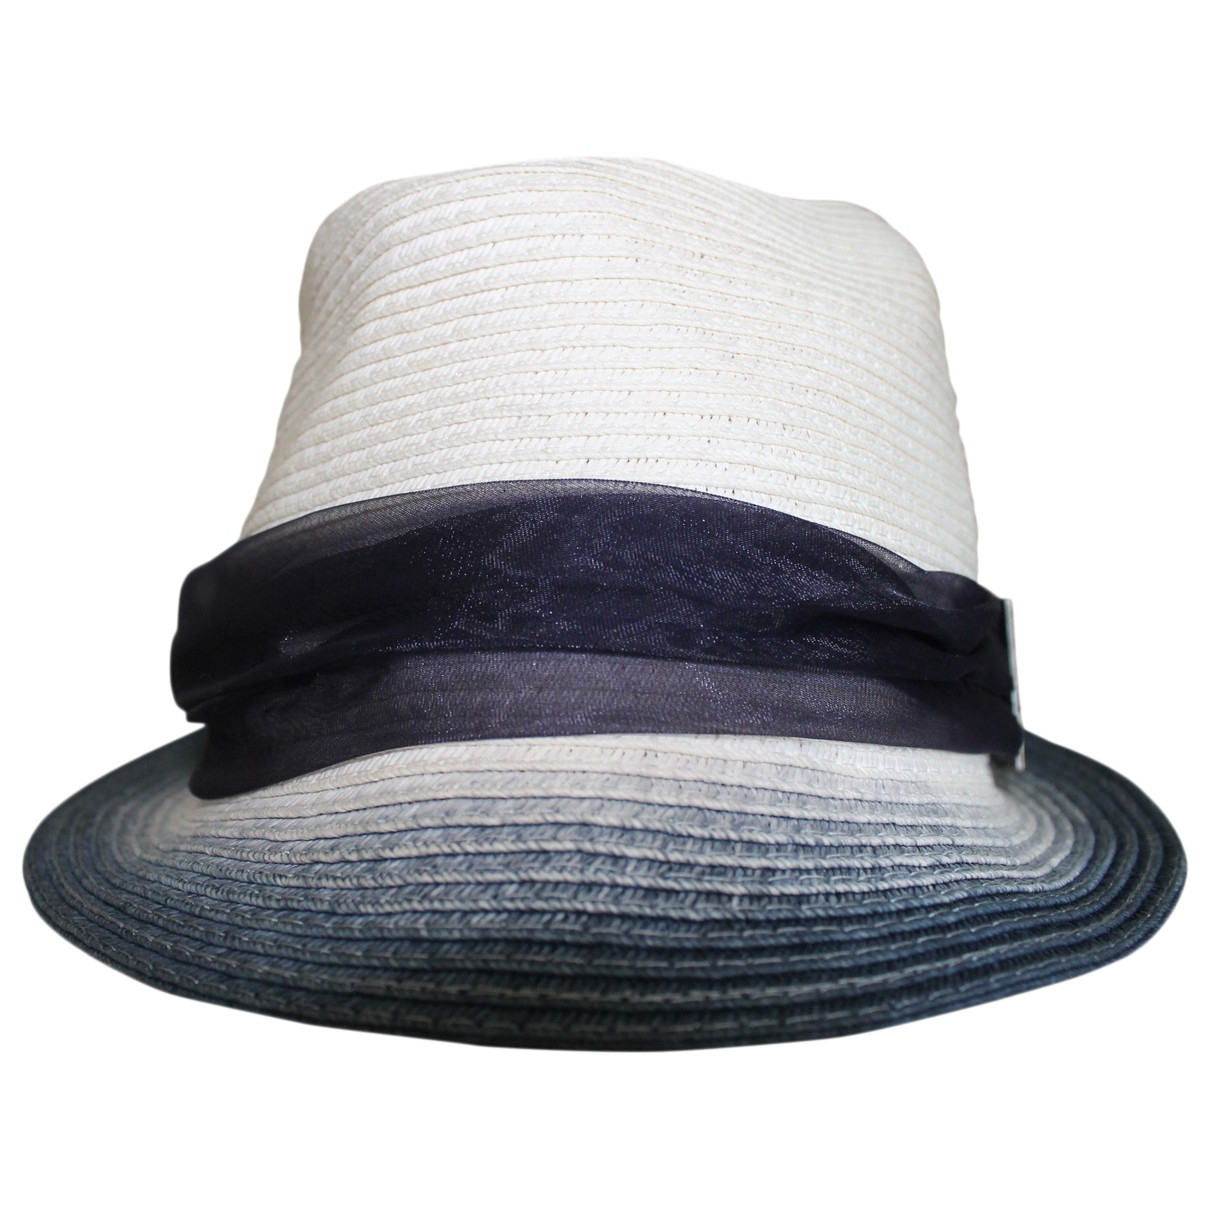 Diesel \N White hat for Women 58 cm